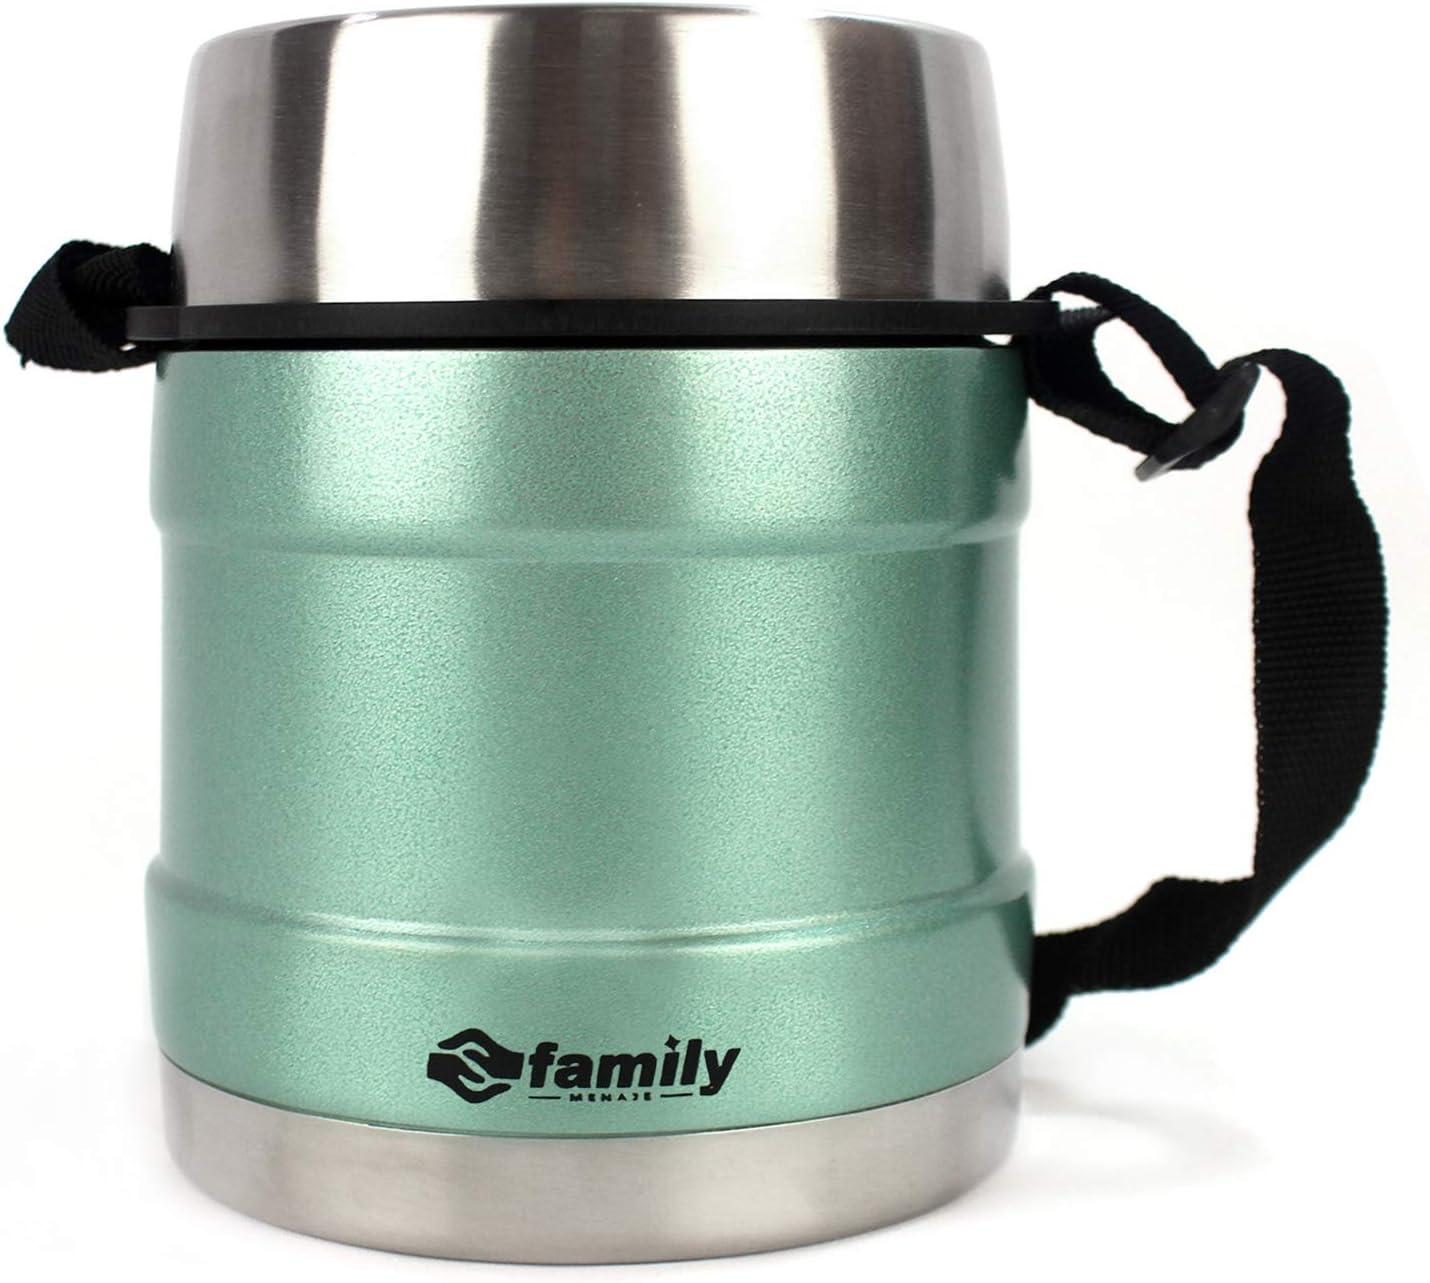 family Termo para Comidas de Acero Inoxidable, Recipiente Aislado para Sólidos y Líquidos con Recipiente Interiores para Sopas, Salsas o Ensaladas (Turquesa, 1.2L)